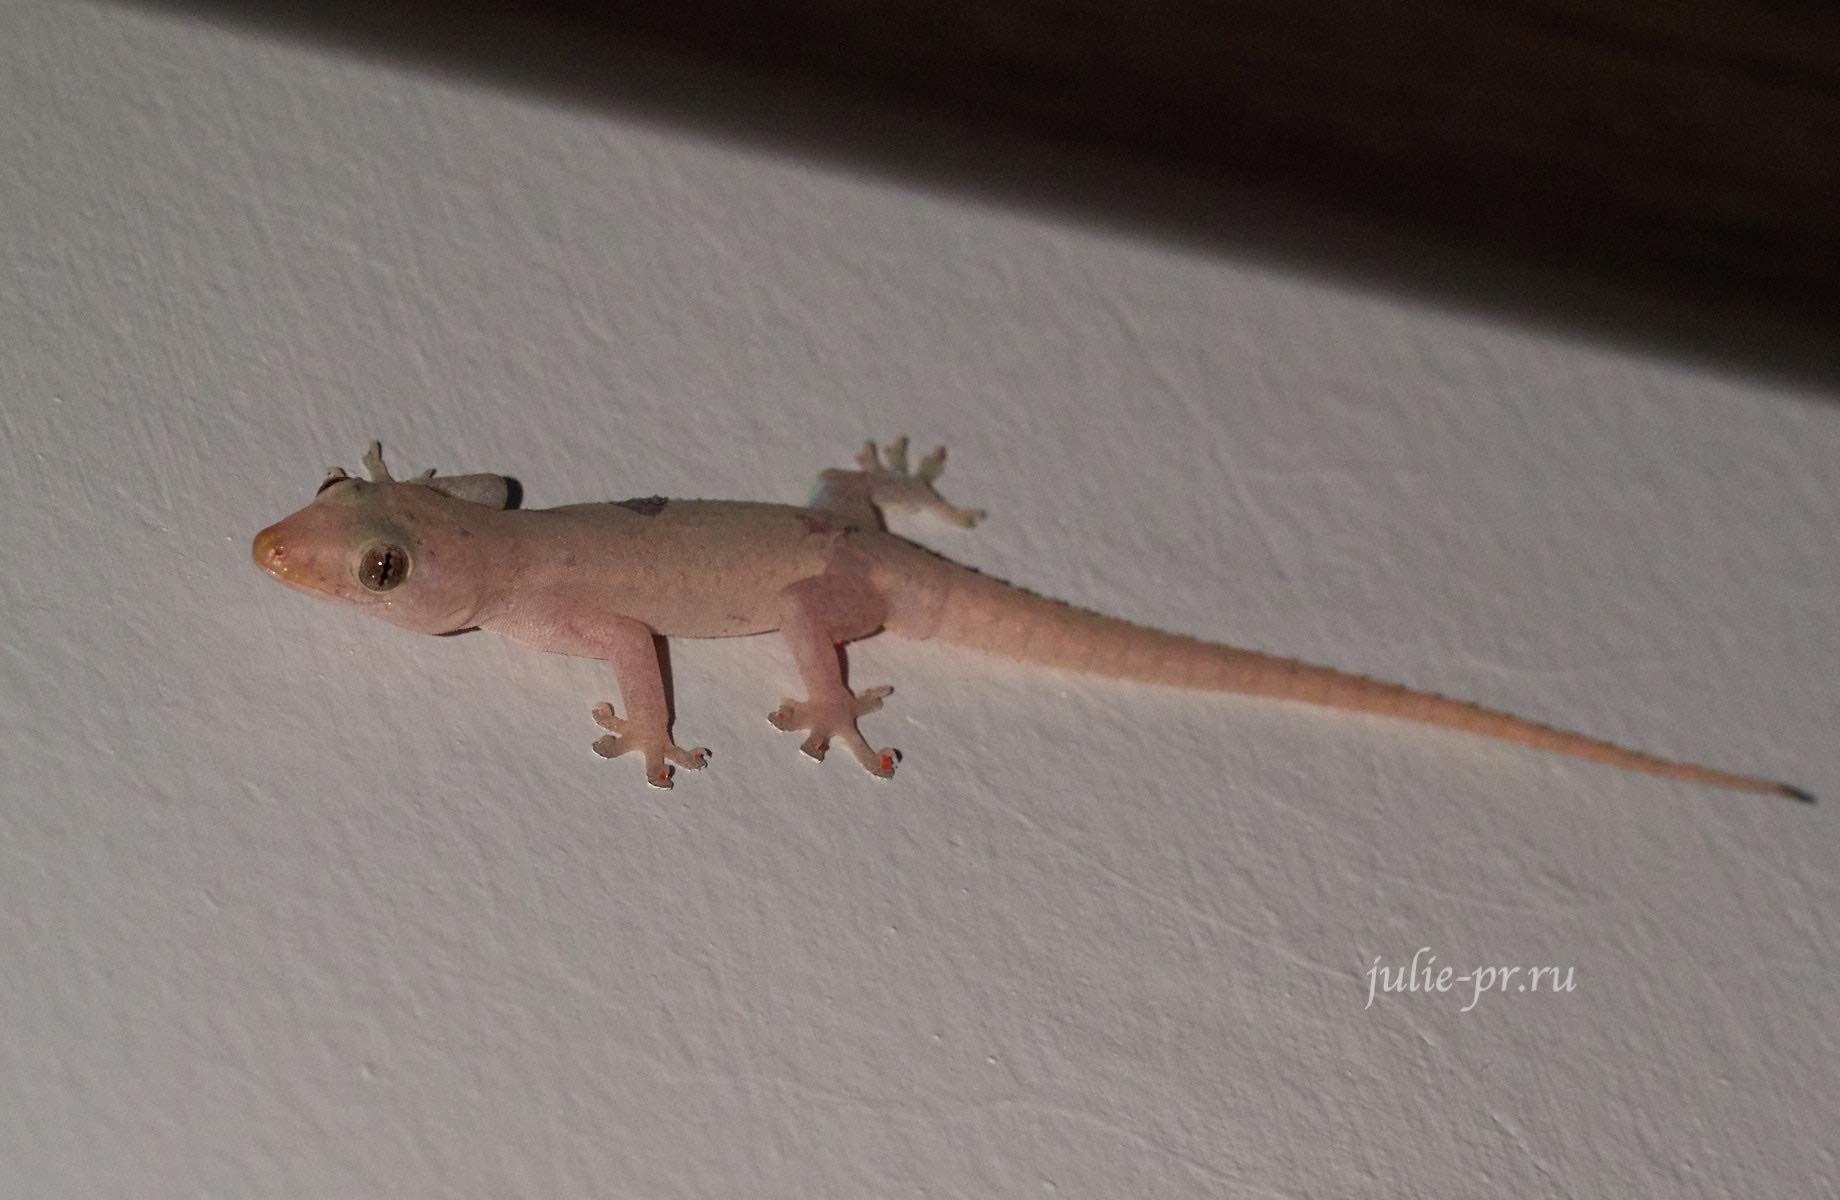 Филиппины, острова Батанес, геккон